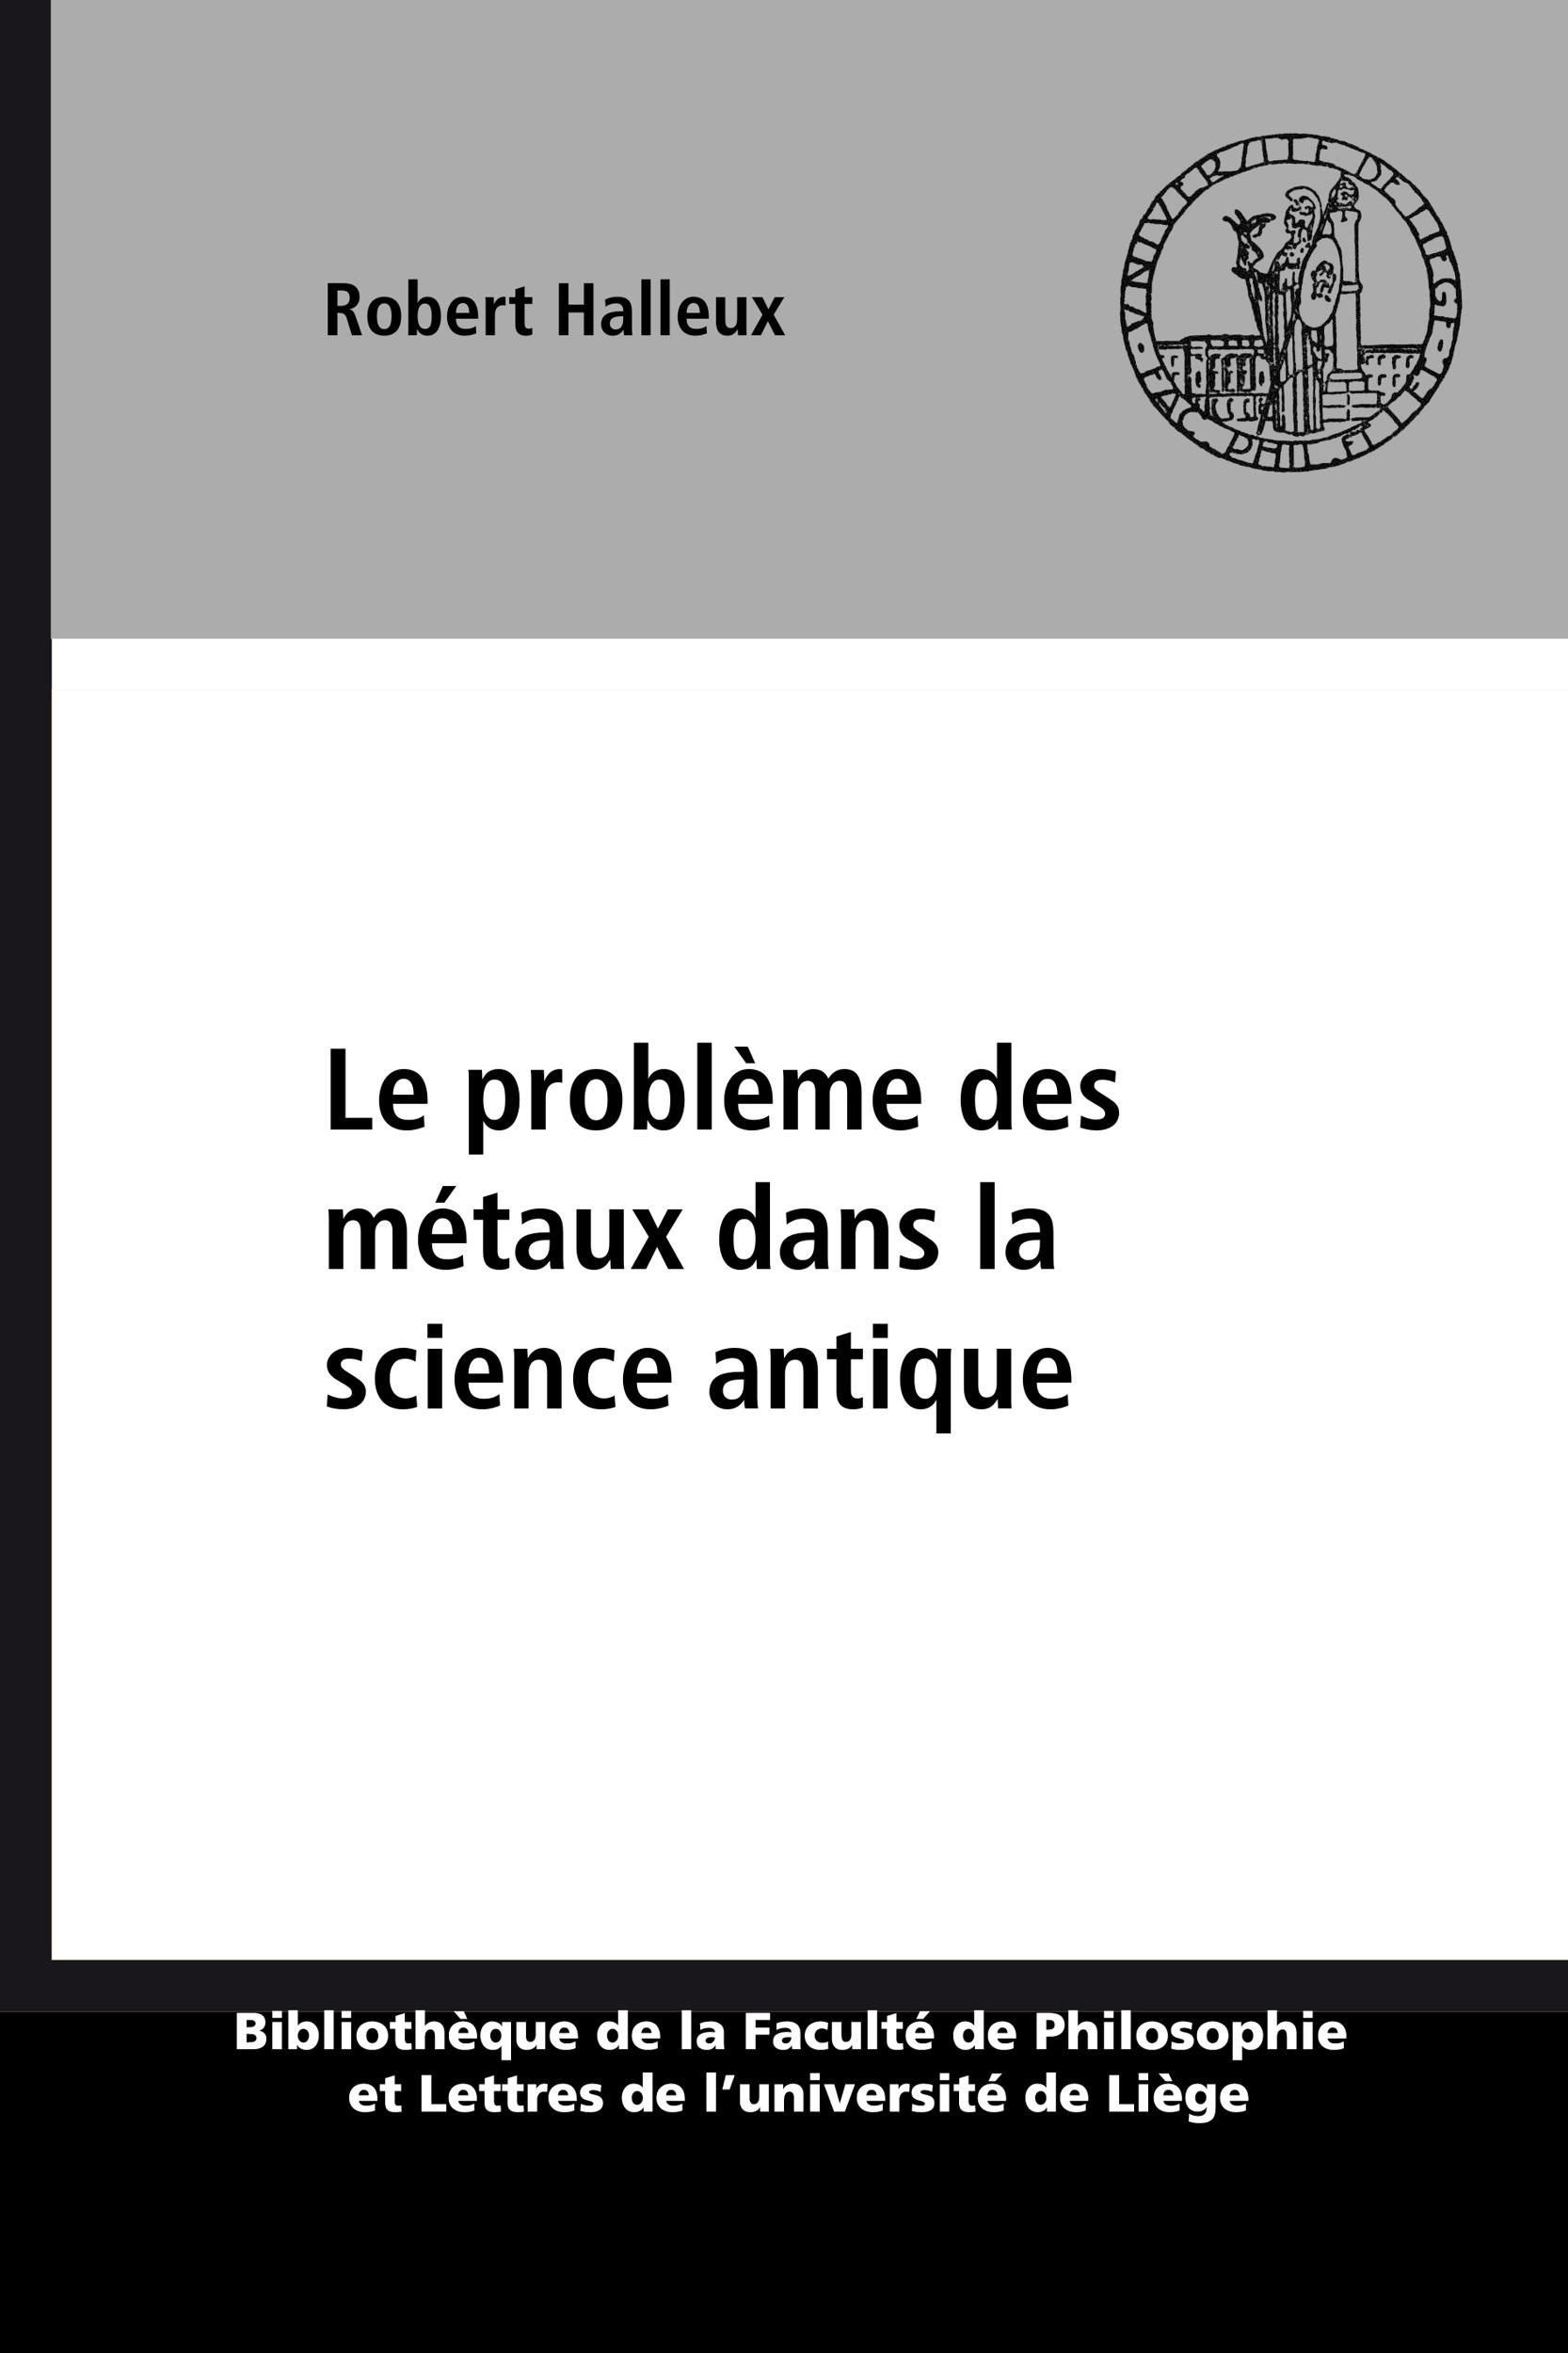 Le probleme des metaux dans la science antique